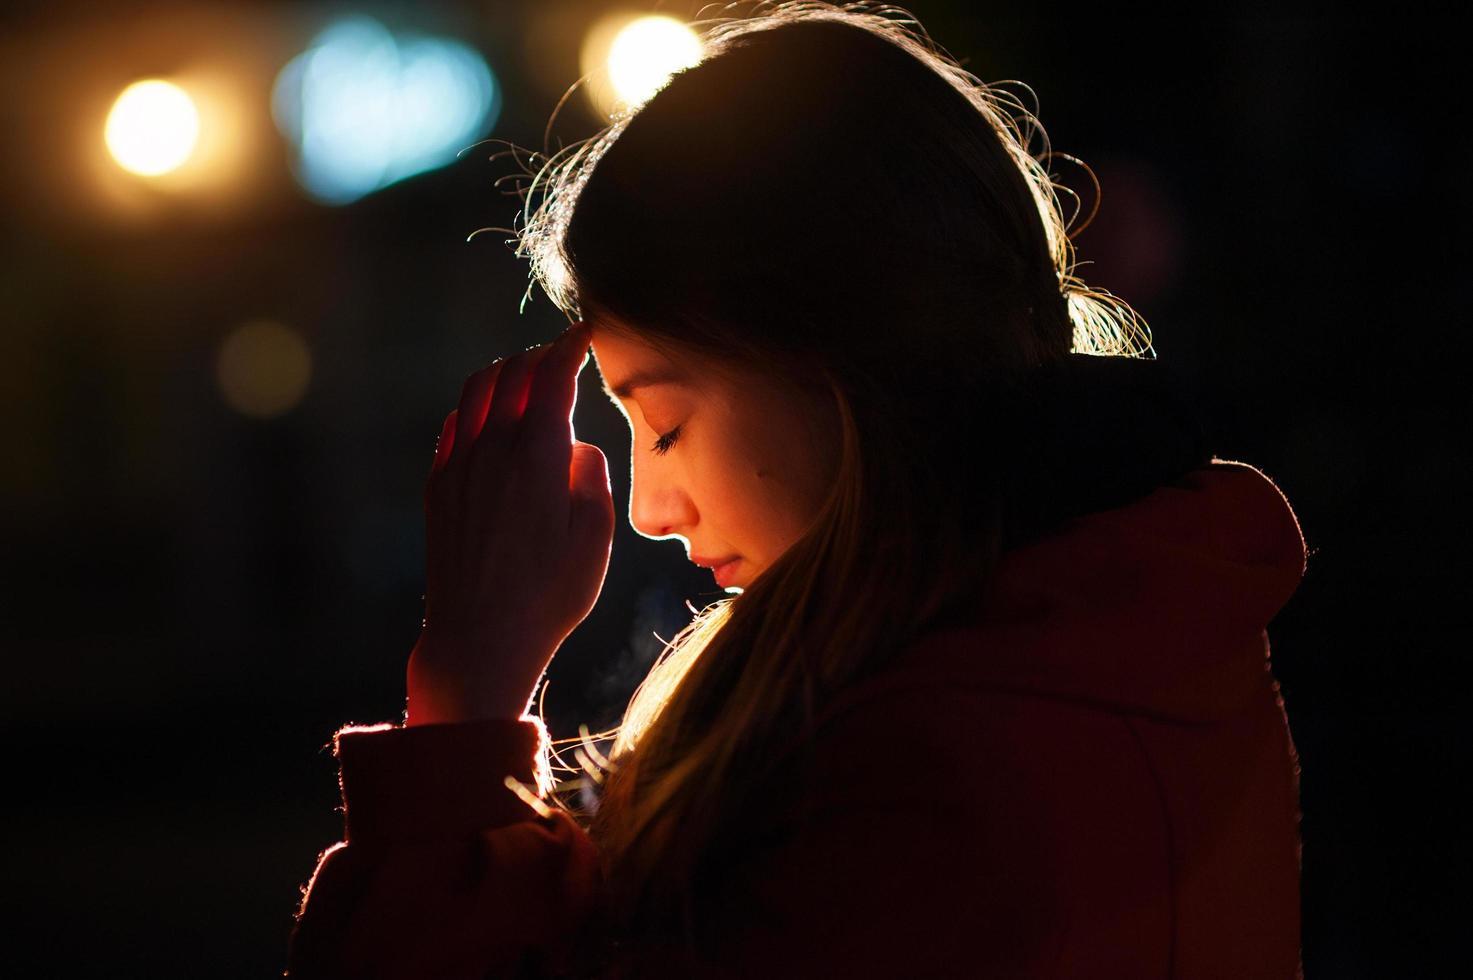 portret van een jonge vrouw met gesloten ogen foto